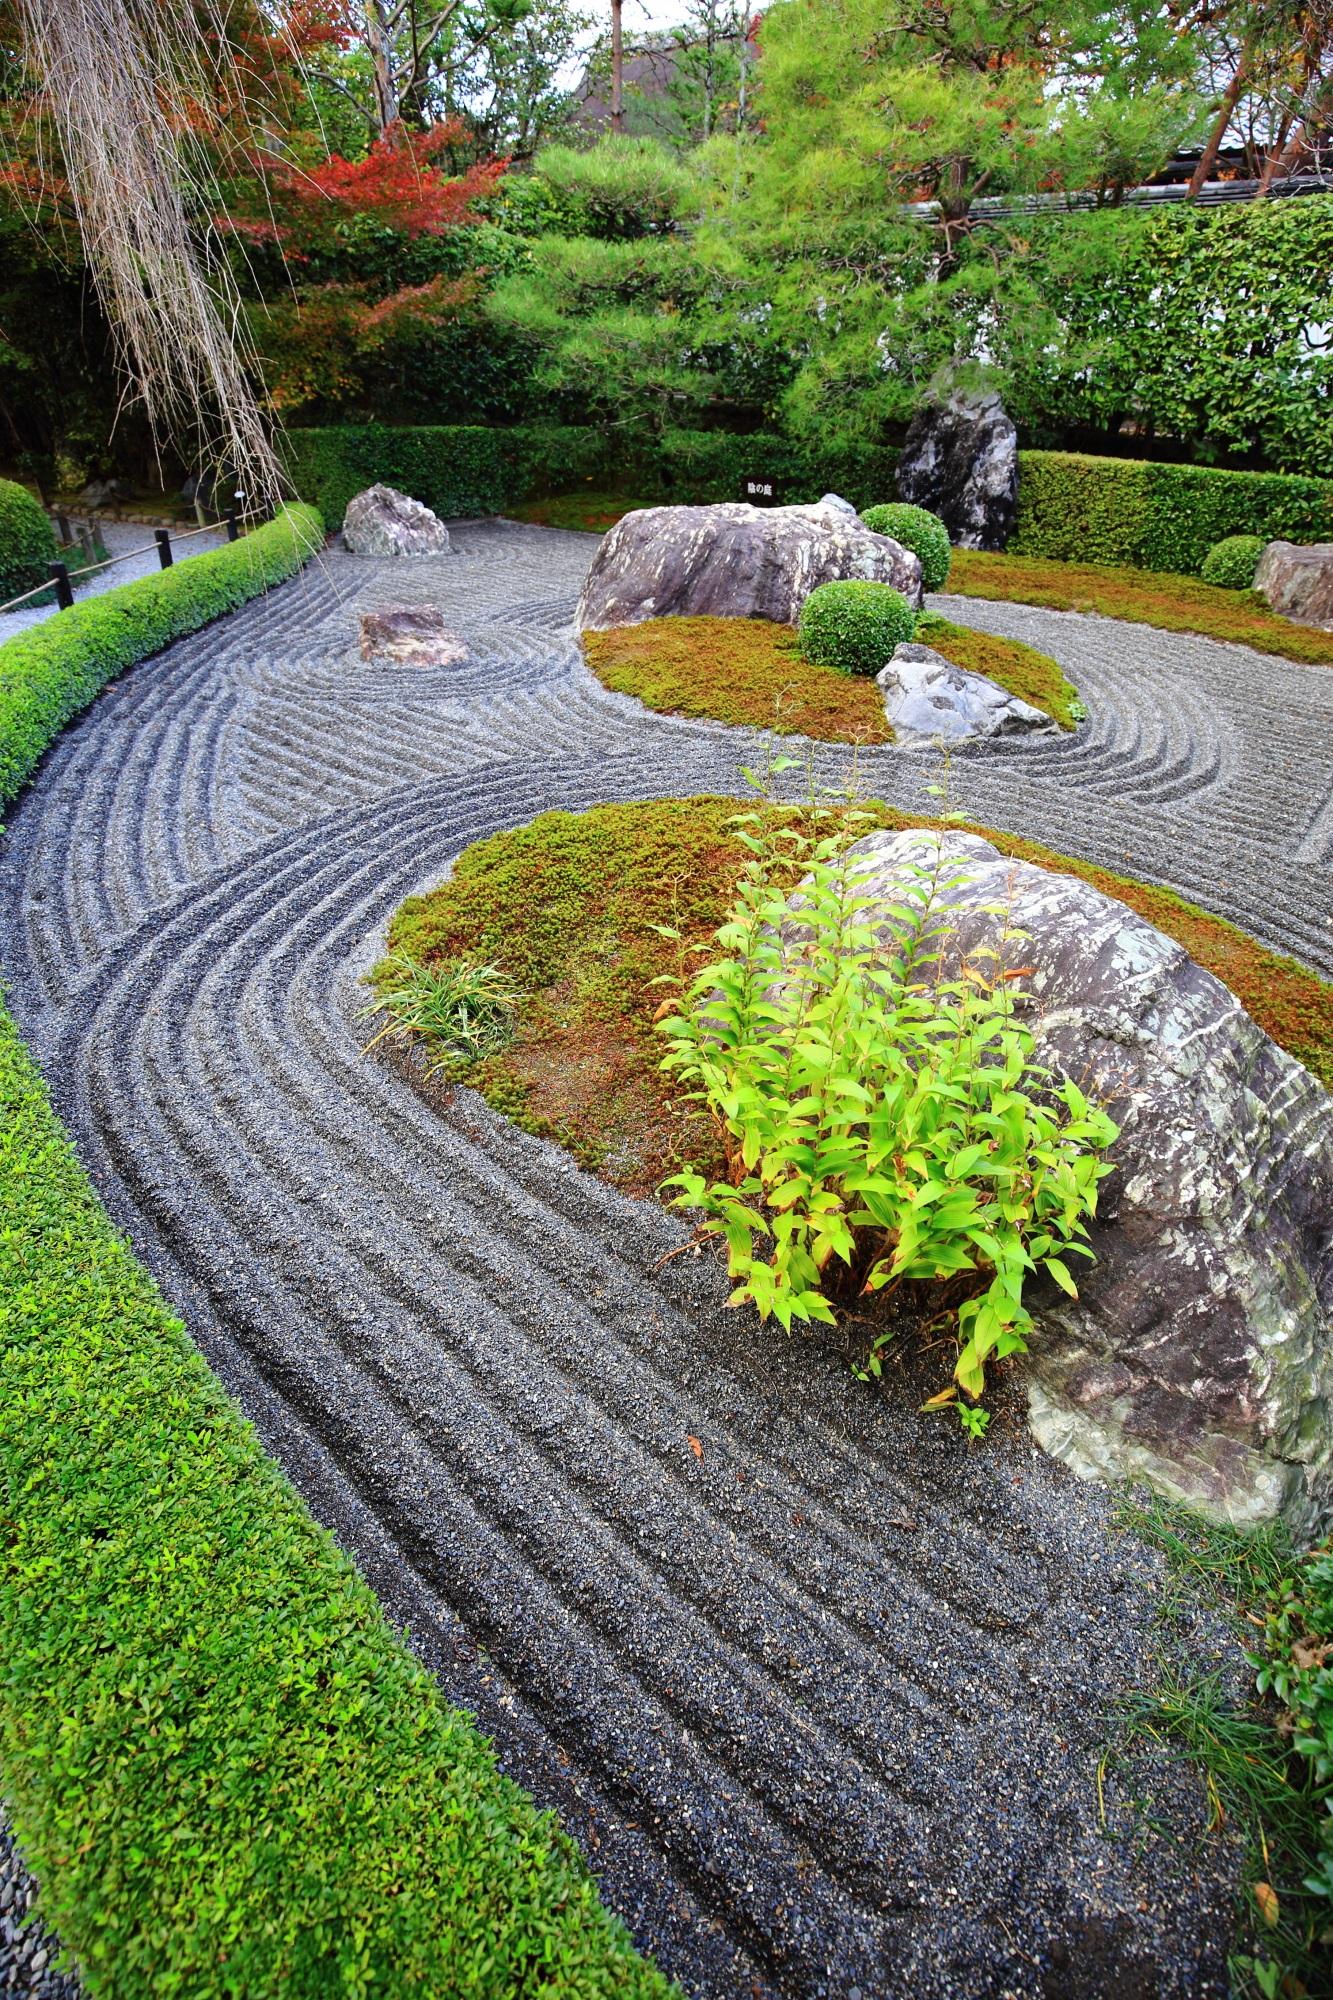 秋や緑の時期も美しい妙心寺退蔵院の陰陽の庭